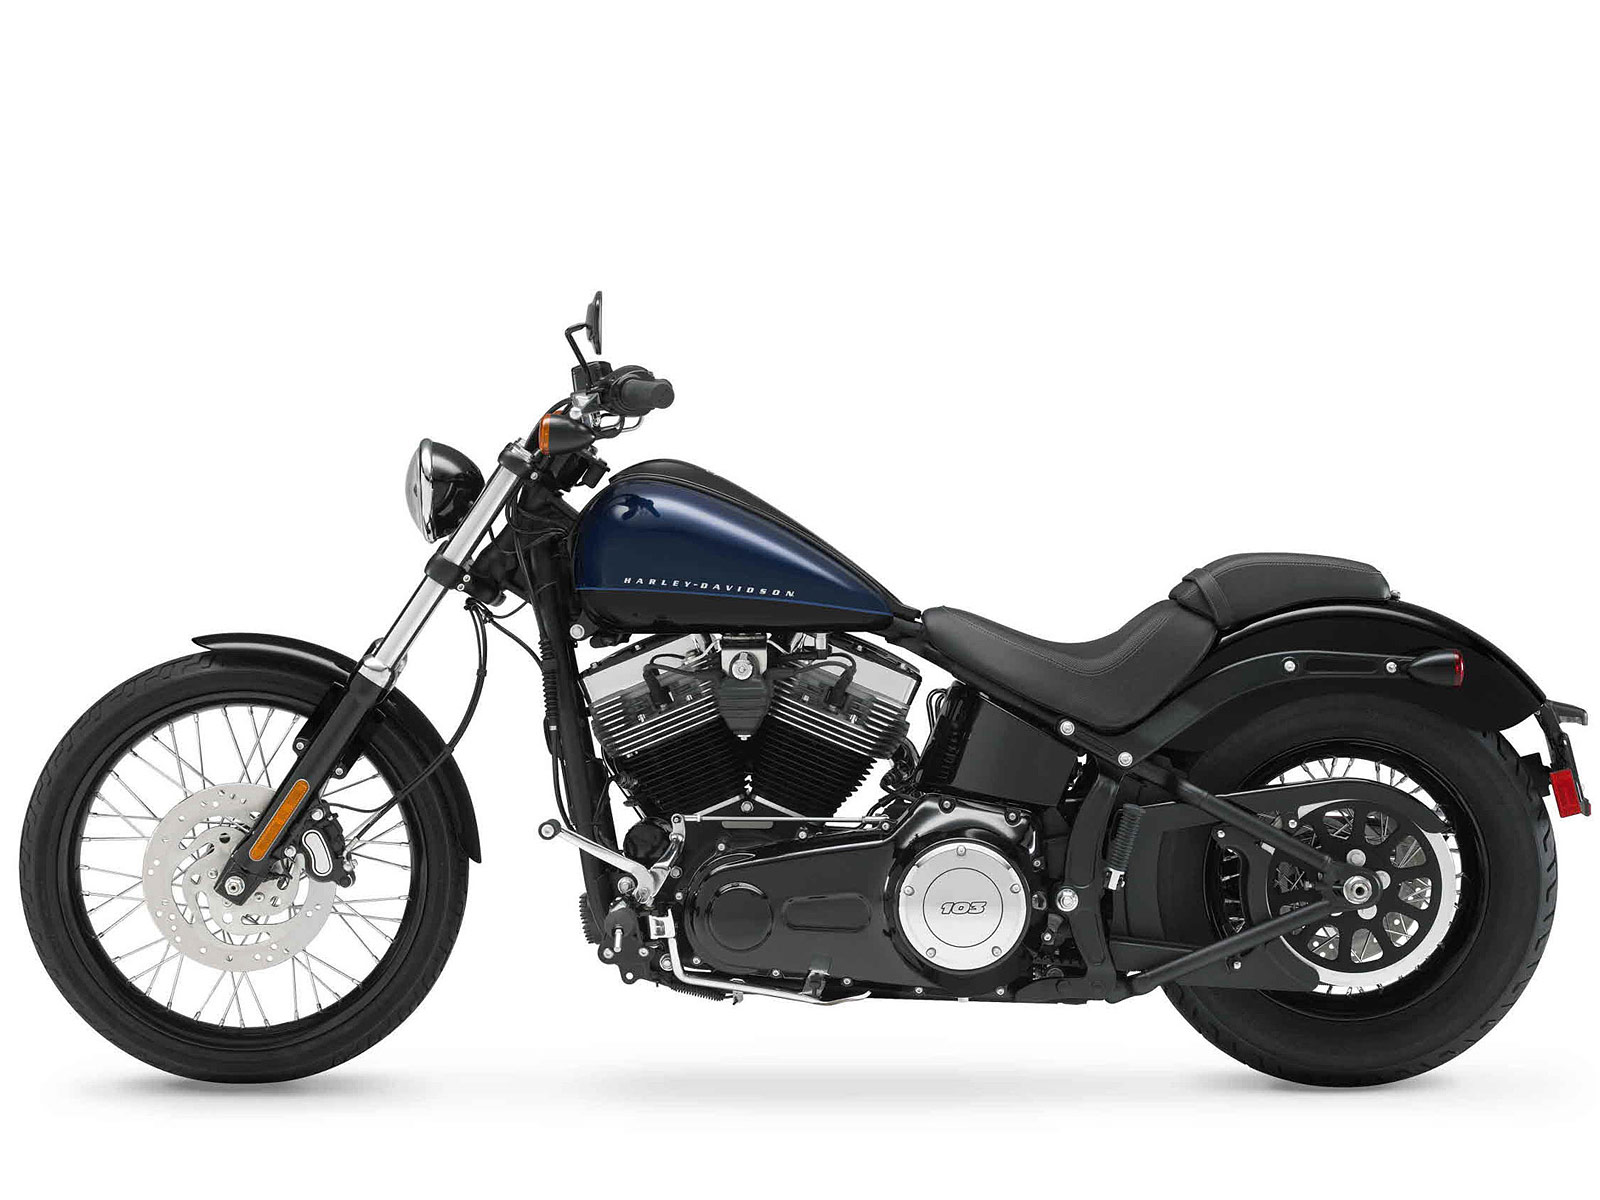 Harley Davidson 2012: 2012 Harley-Davidson FXS Softail Blackline Pictures